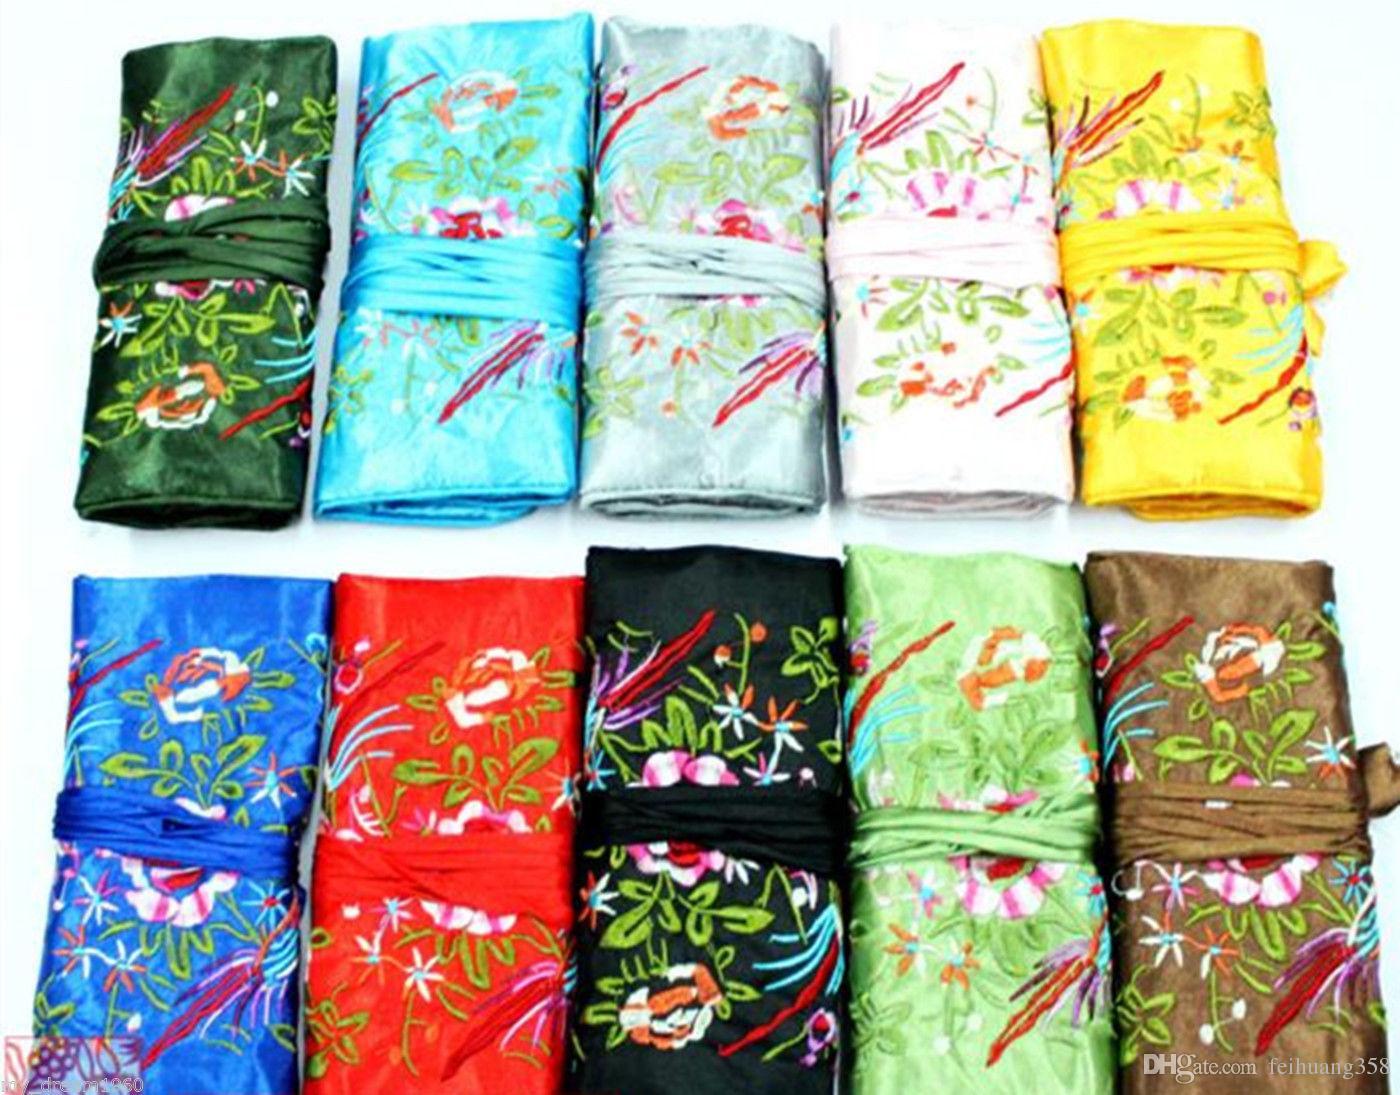 Toptan 10 adet Ipek Brokar Seyahat Çantası Takı Rulo Kılıfı Çanta Moda Hediye